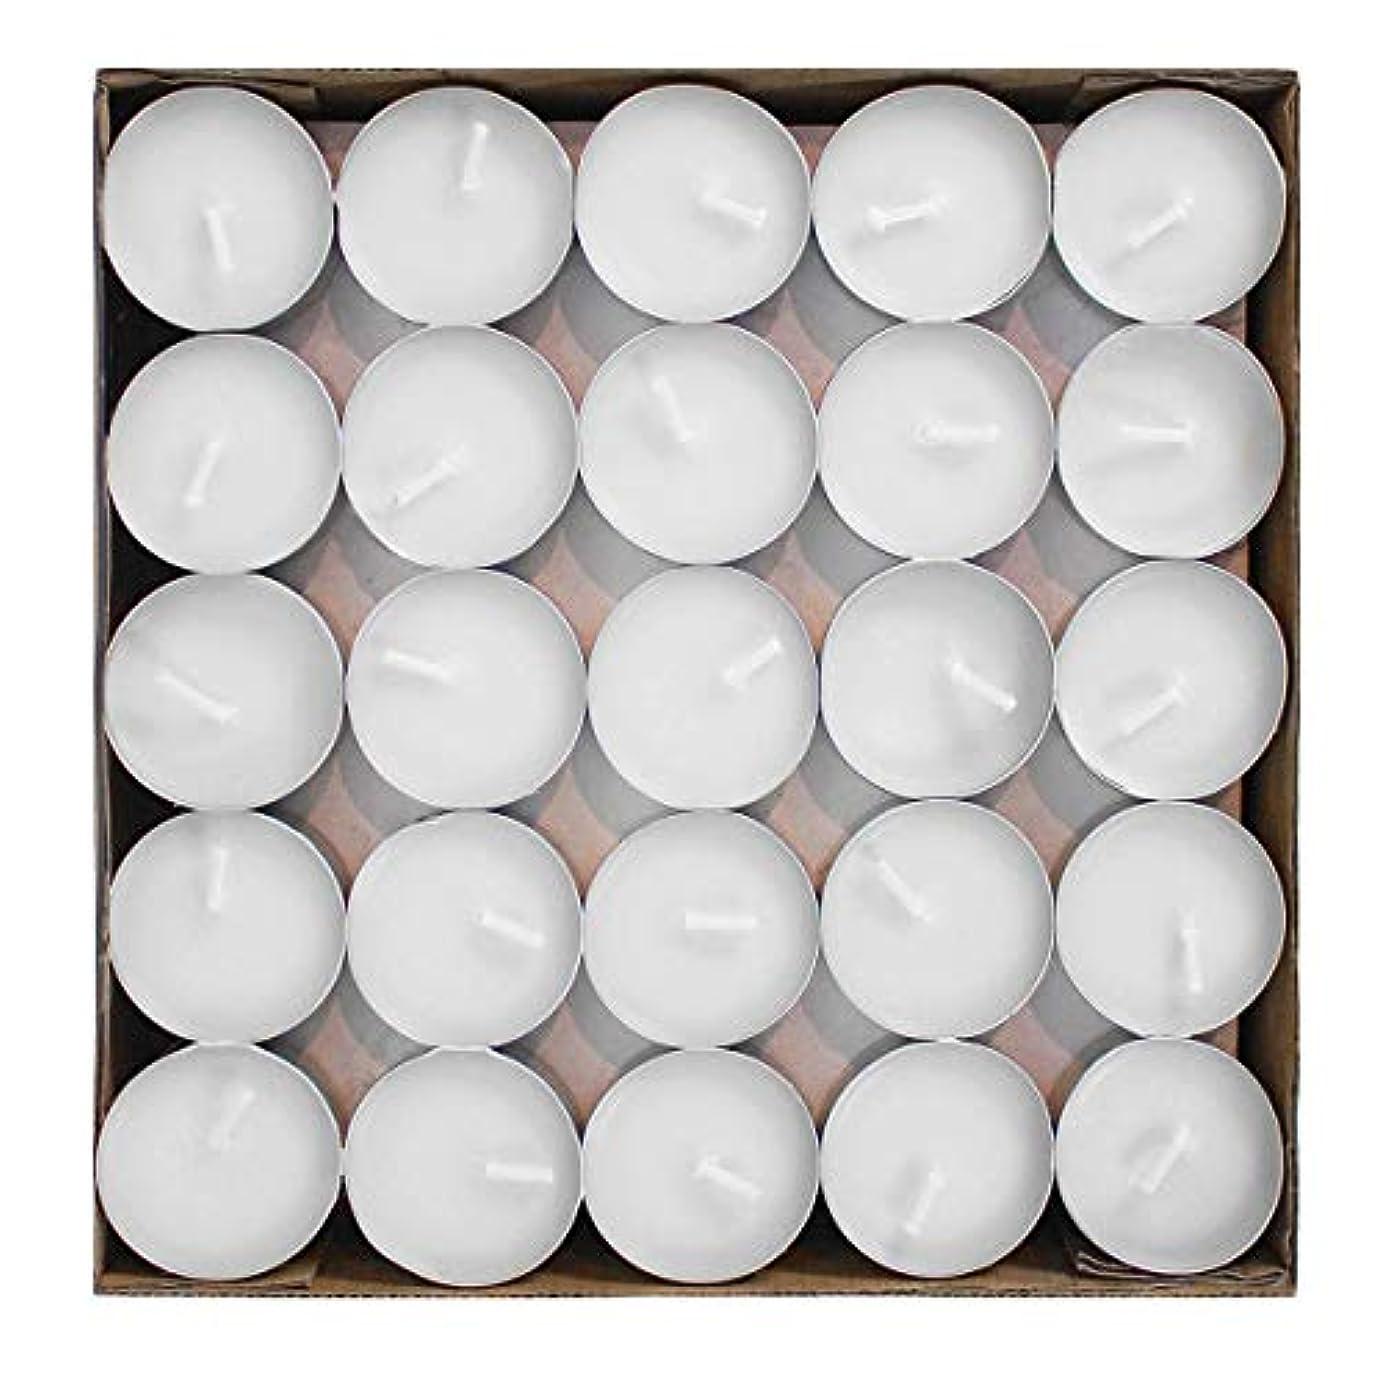 ビーズフォーカス人口Hwagui ろうそく お茶アロマ キャンドル アロマ キャンドル ロウソク 人気 香り 約1.5-2時間 50個 ZH004